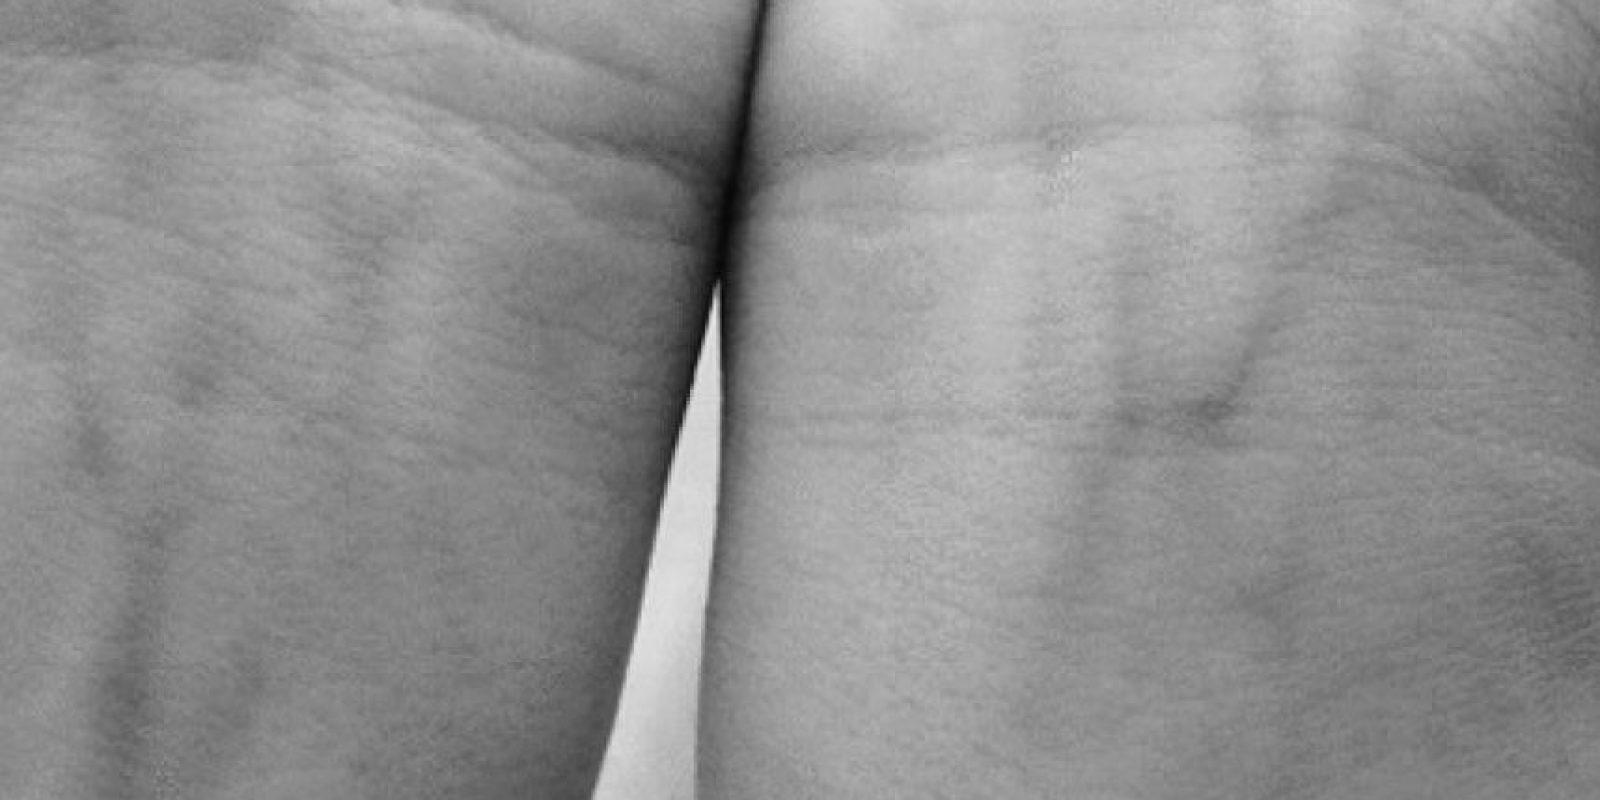 15. Aliado contra la creación de trombos en a sangre. Foto:Pinterest